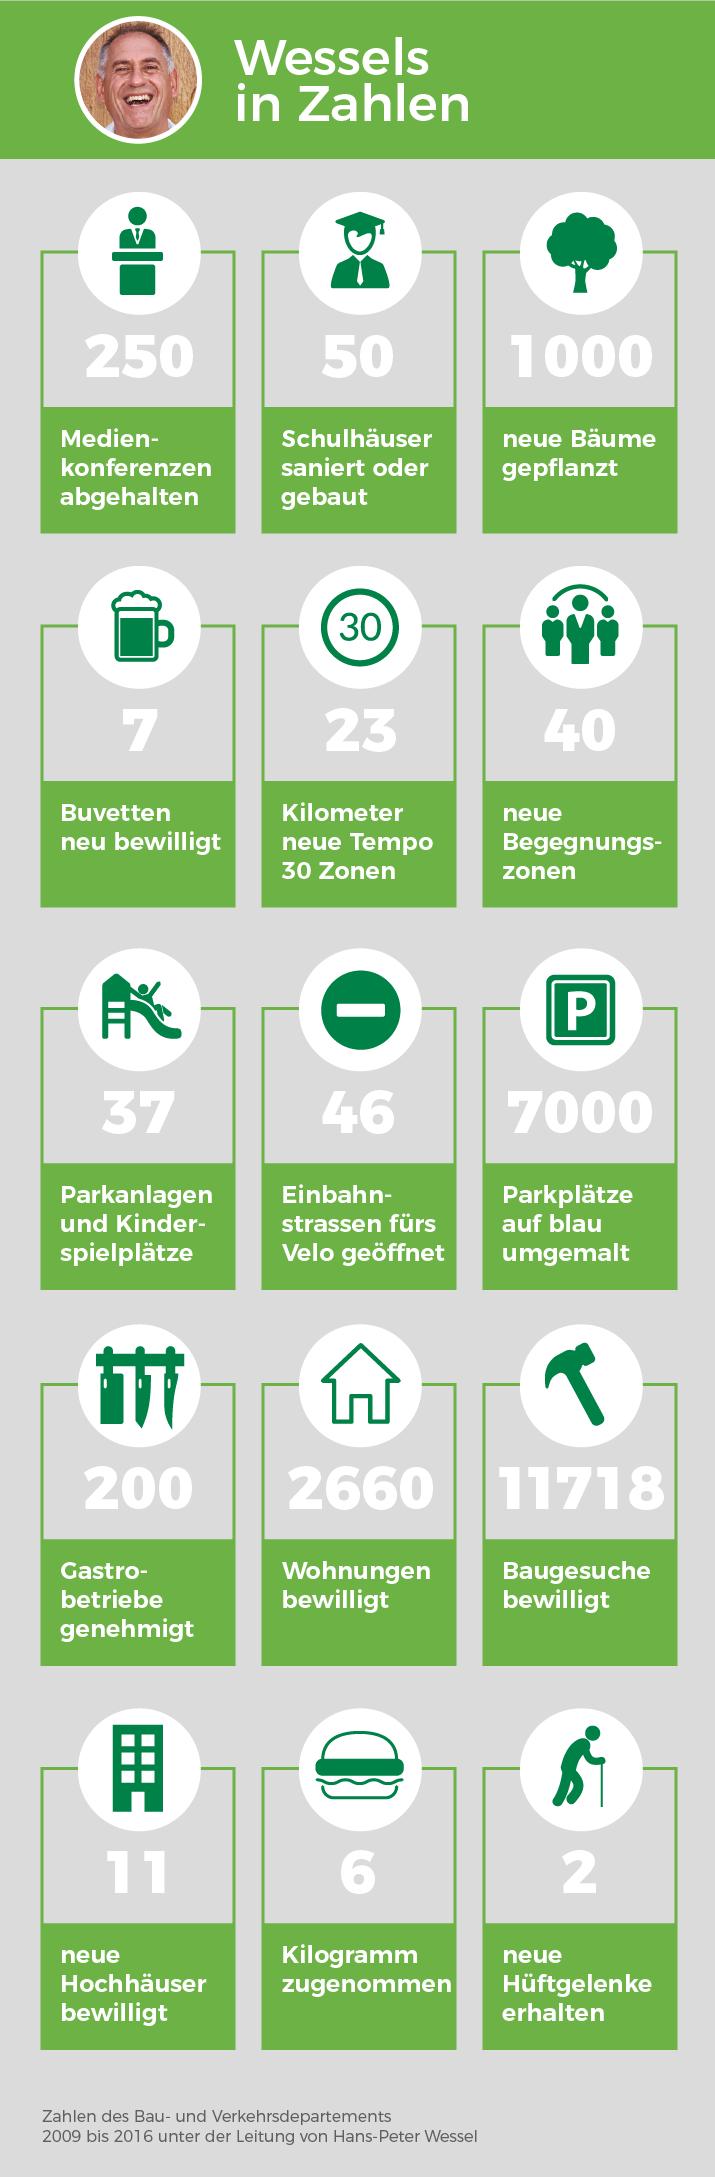 Infografik: Wessels in Zahlen